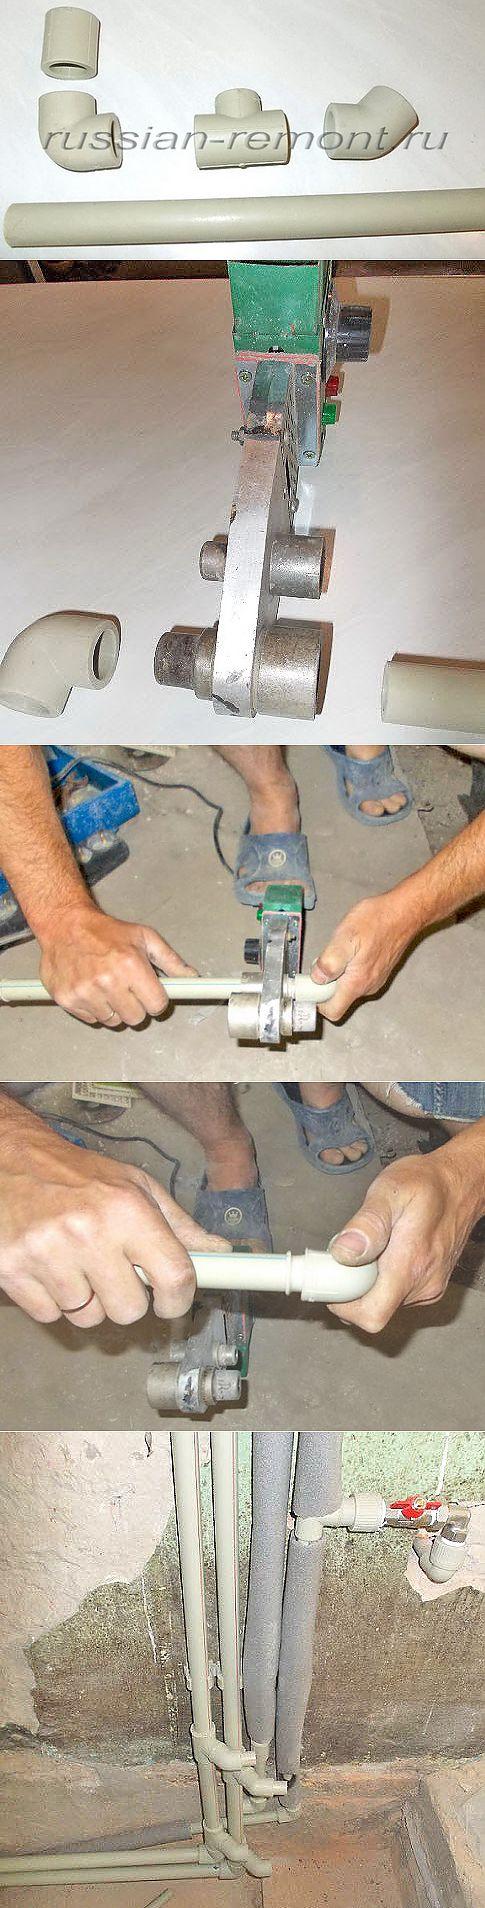 Пайка полипропиленовых труб своими руками: правила и особенности, формула расчета диаметров